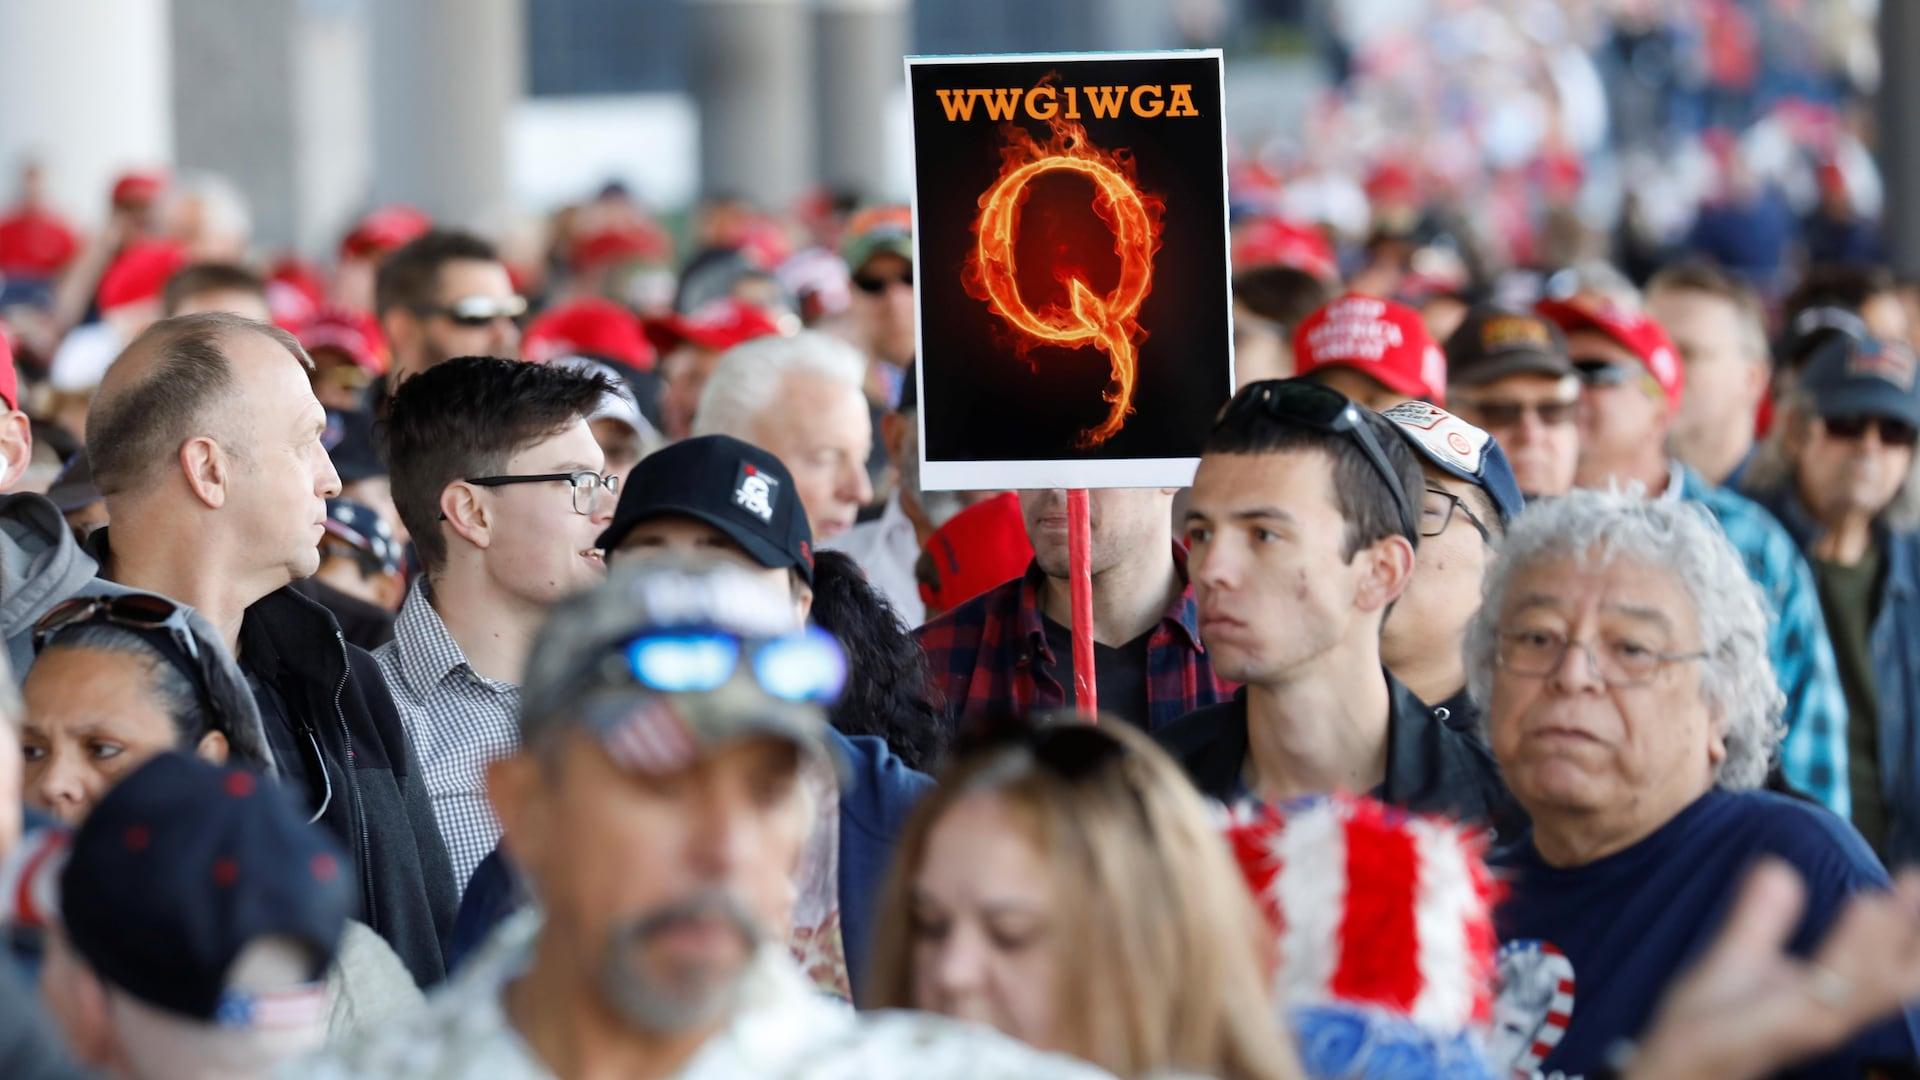 Un partisan de QAnon lors d'un rallye en soutient au président Trump, à Las Vegas, le 21 février 2020